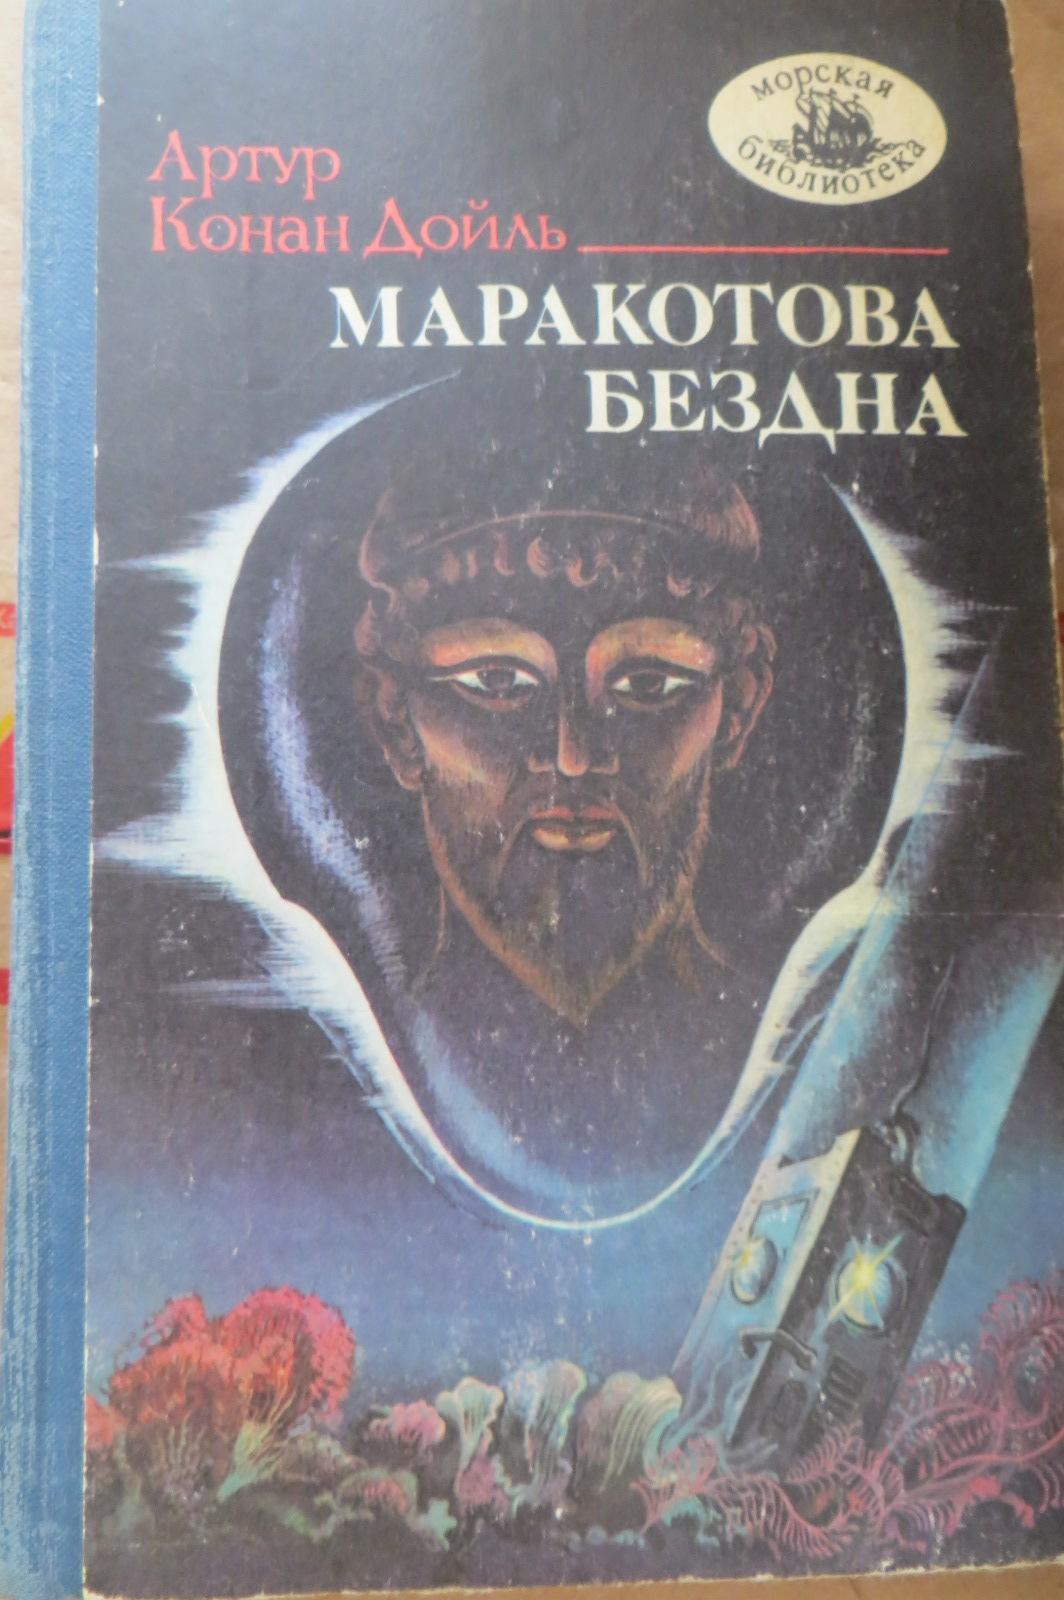 КОНАН ДОЙЛЬ МАРАКОТОВА БЕЗДНА СКАЧАТЬ БЕСПЛАТНО